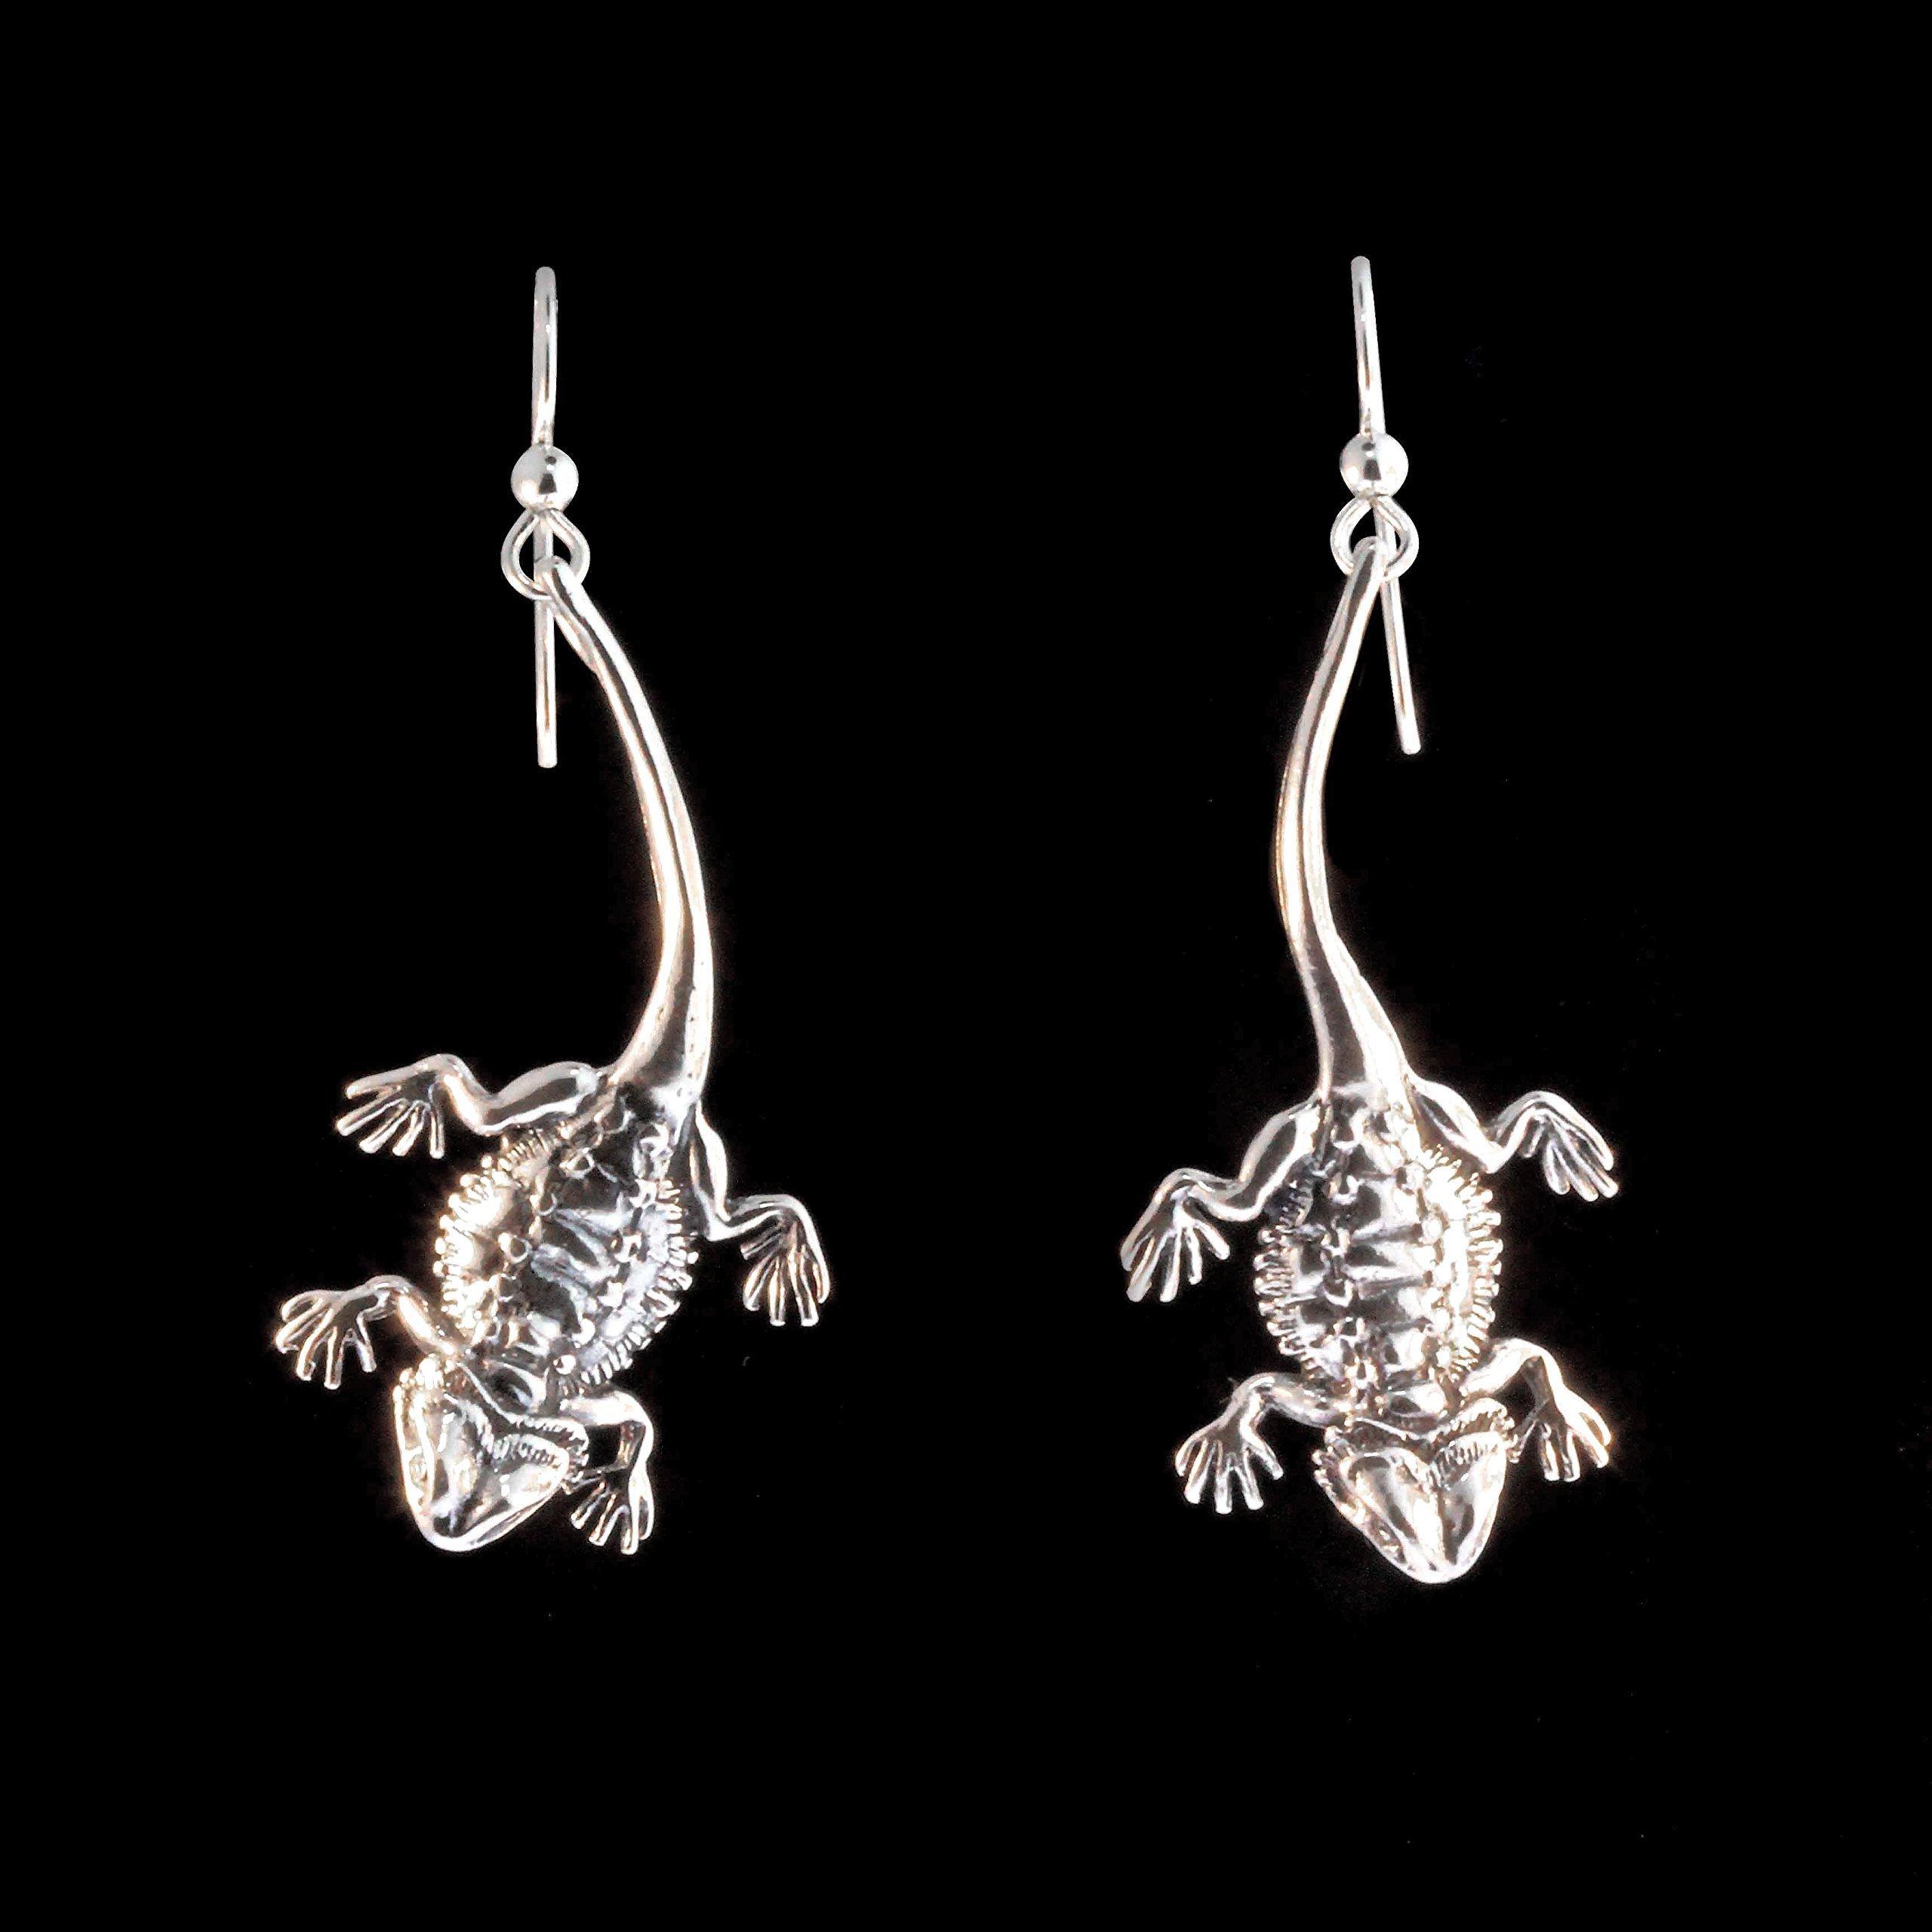 Bearded Dragon Earrings Silver Bearded Dragon Charm Lizard Charm Lizard Earrings Lizard Jewelry Reptile Jewelry